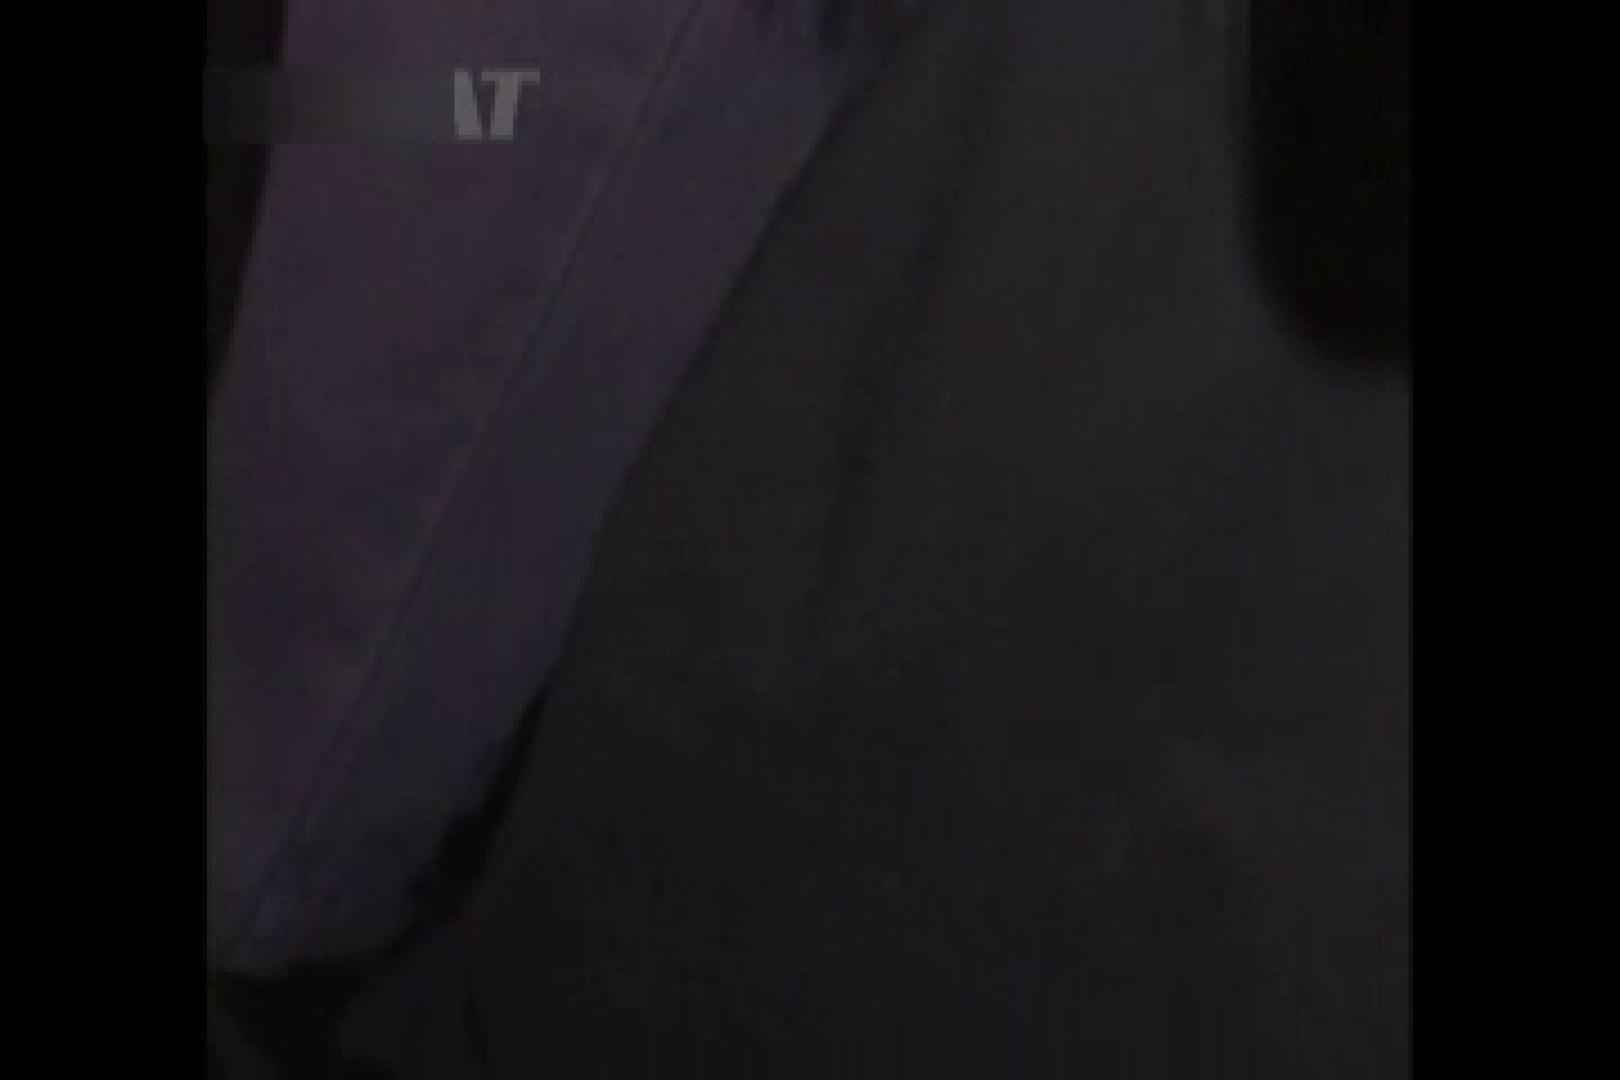 大集合!!カッコ可愛いメンズの一穴入根!! vol.21 フェラ天国 ゲイエロビデオ画像 97pic 26